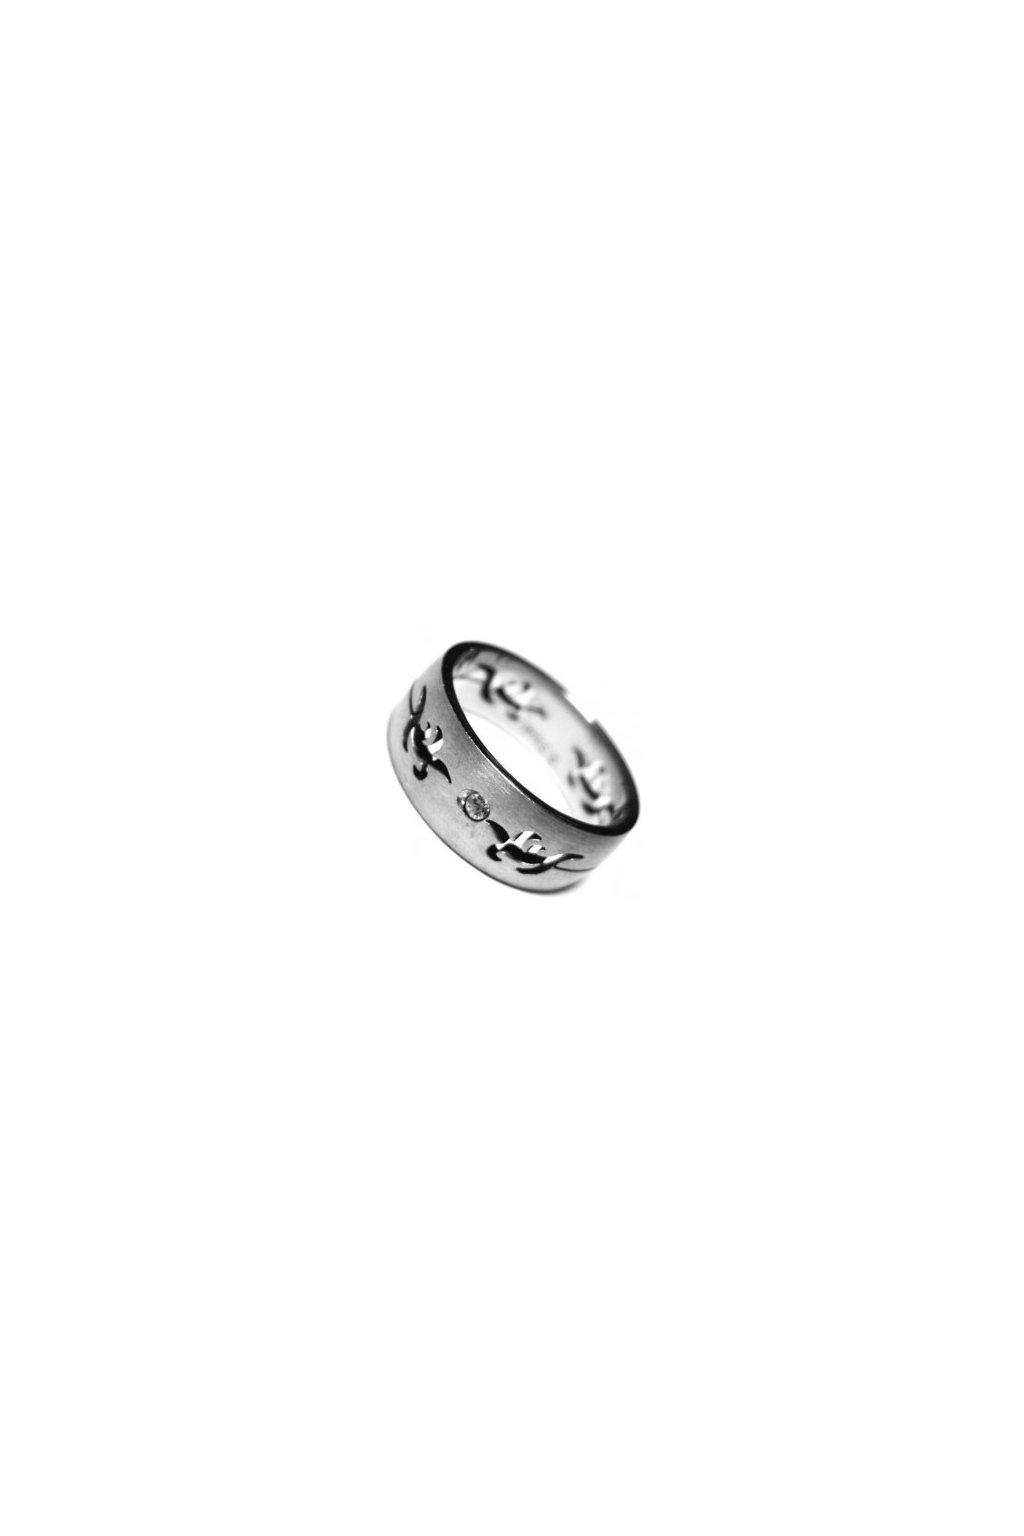 Skalimar Prsten z chirurgické oceli S ORNAMENTEM 212065